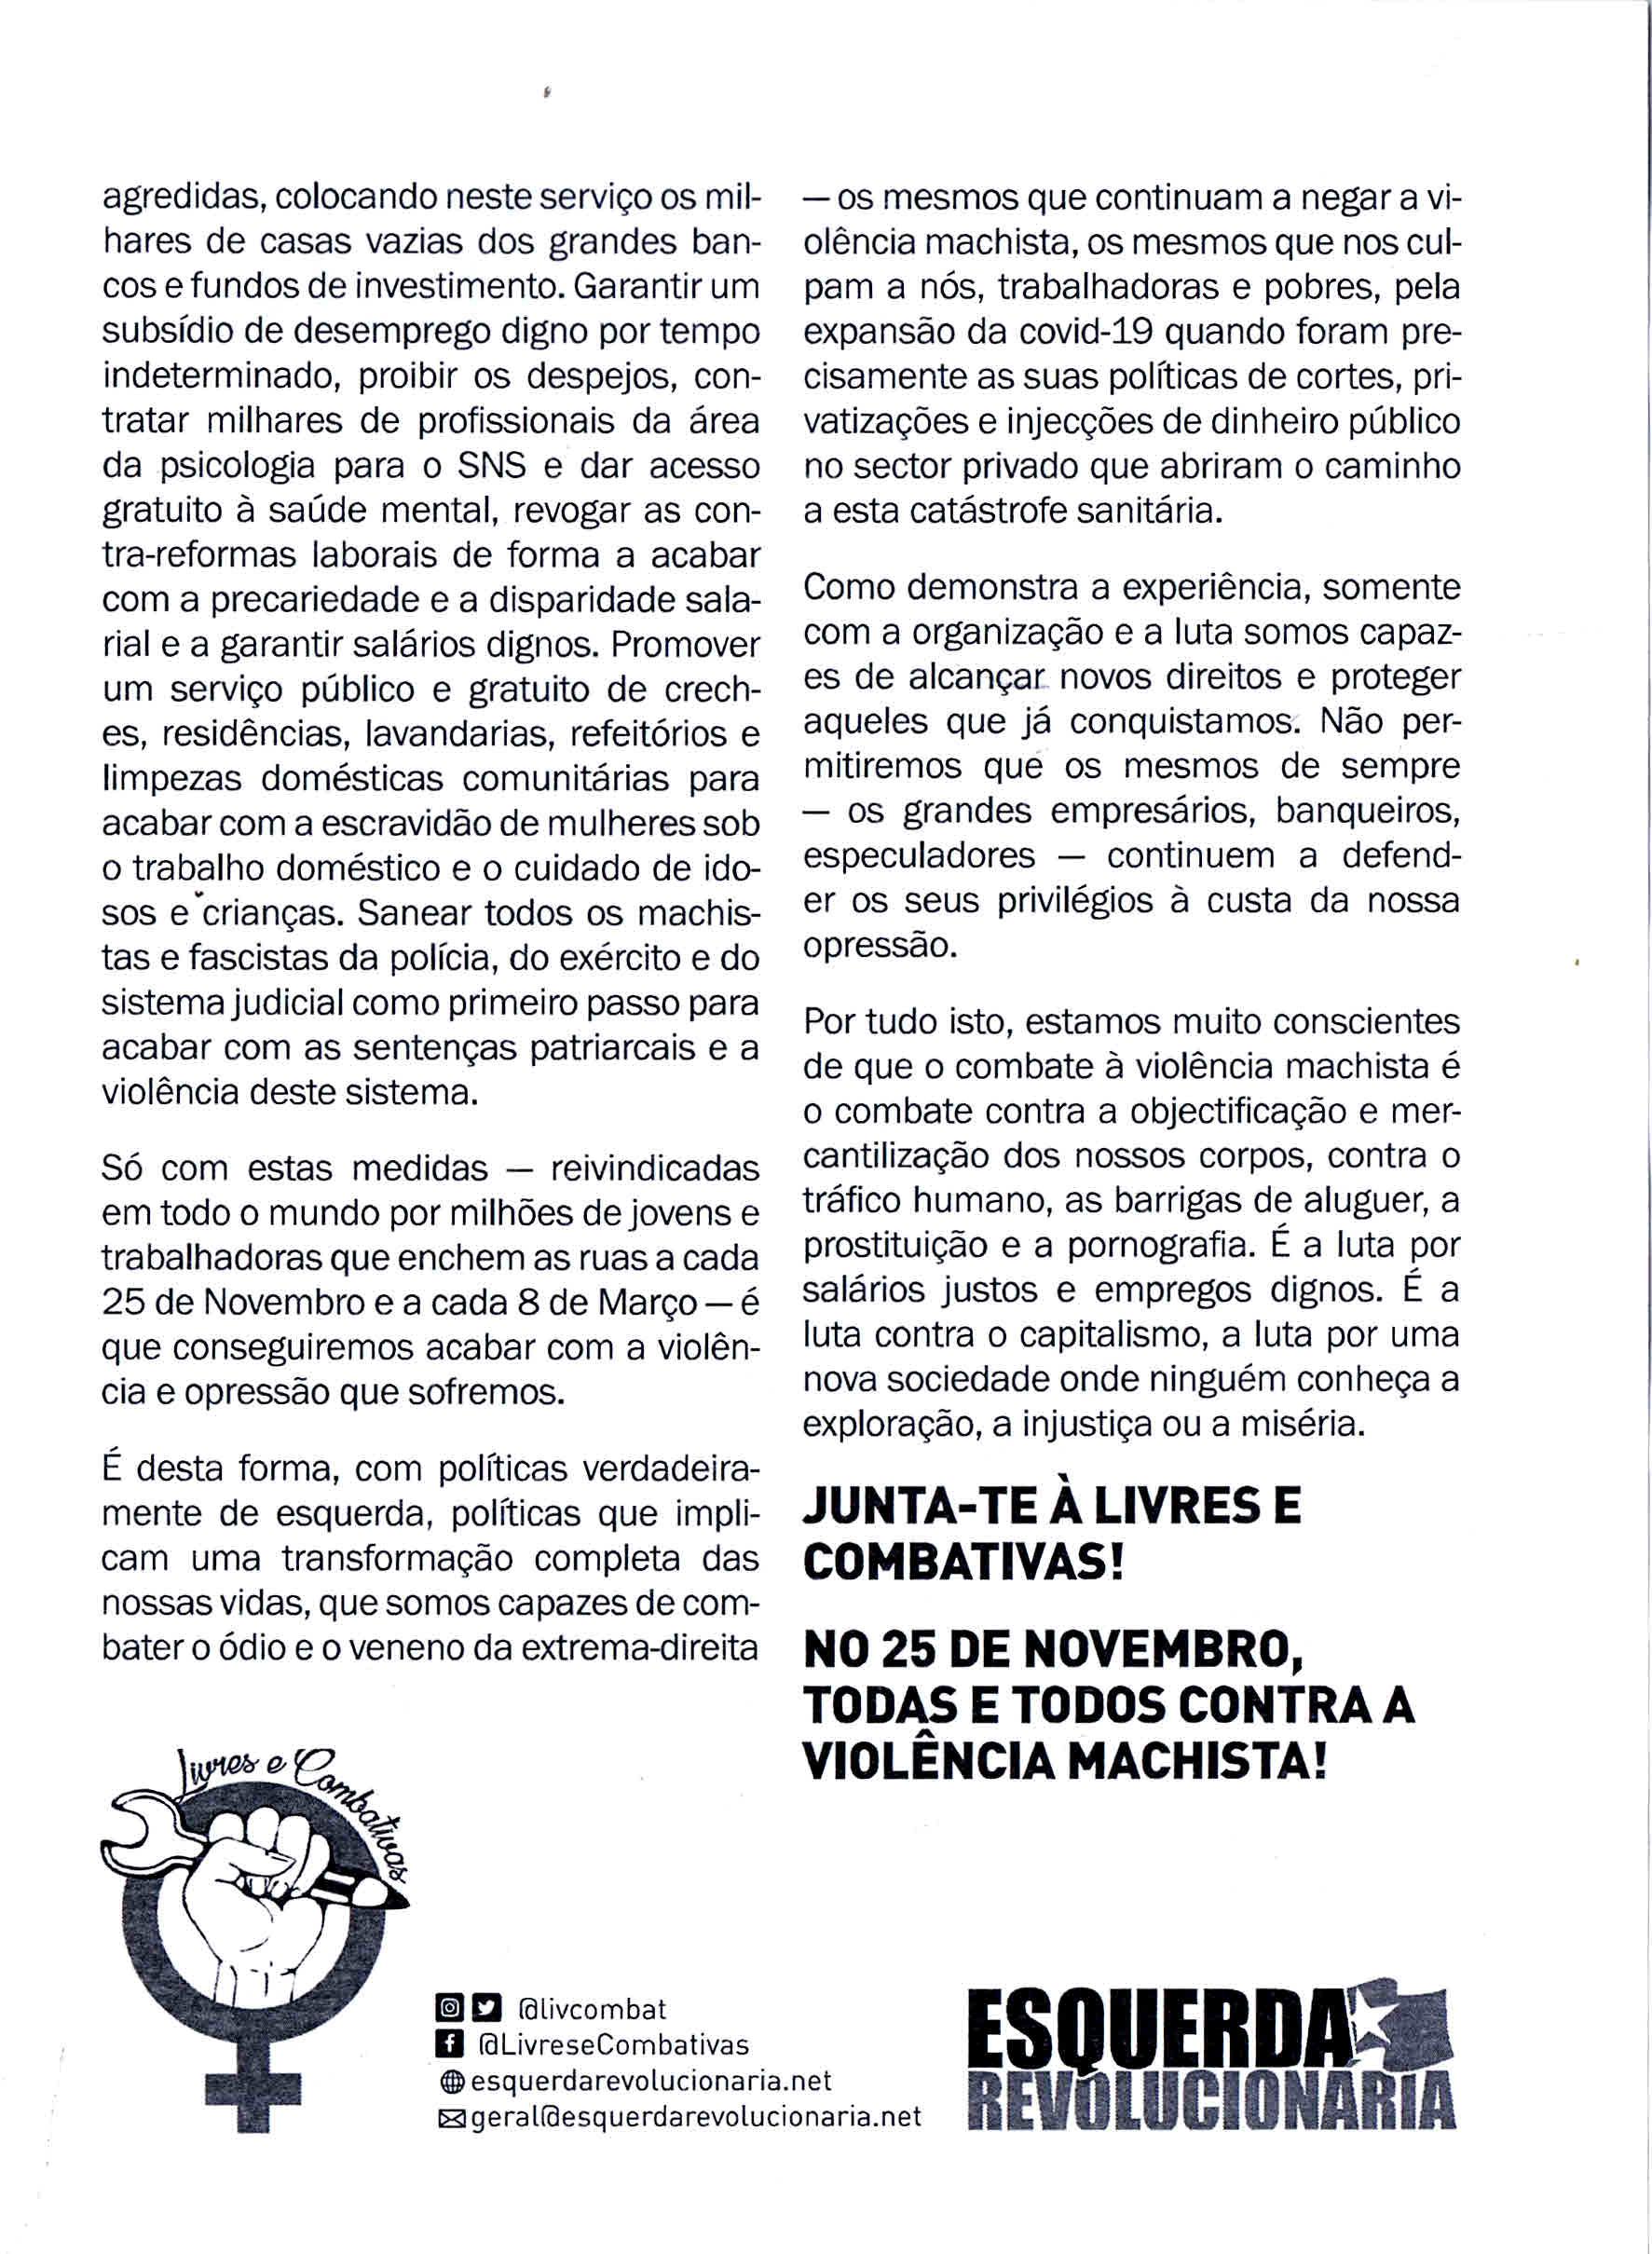 esquerda revolucionaria 2020 panfleto feminista 1.jpeg